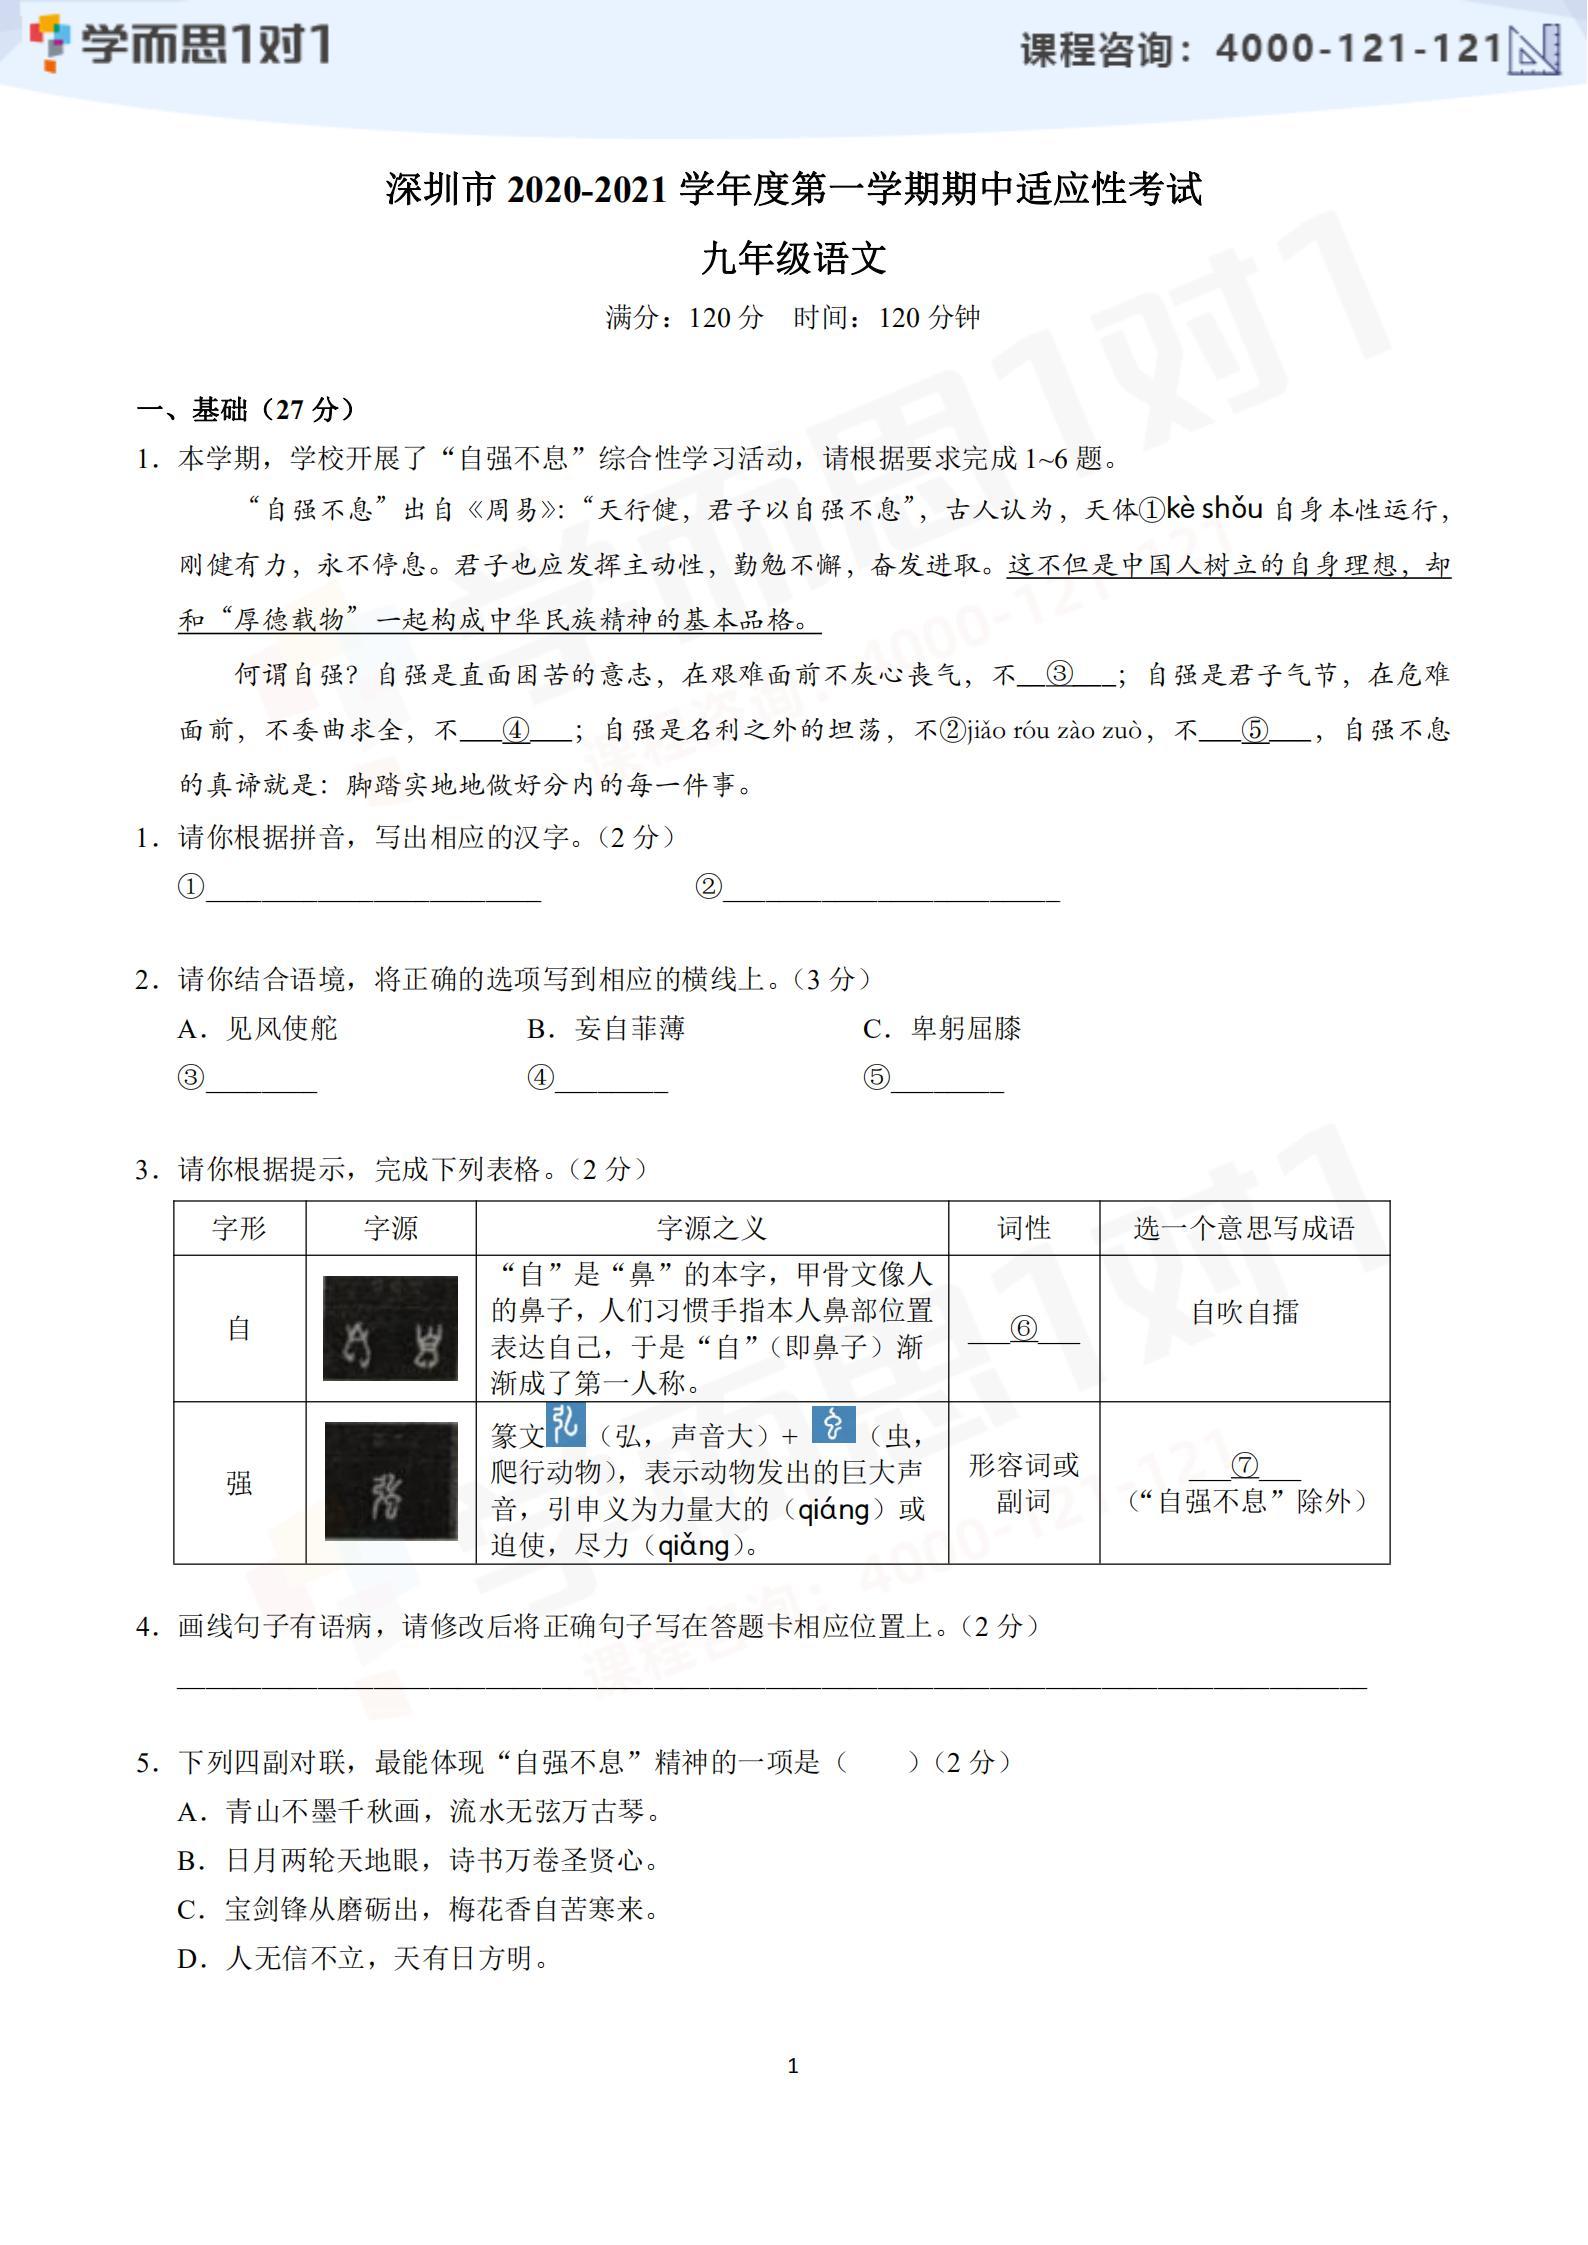 2020-2021学年深圳市统考初三上学期期中语文试题及答案